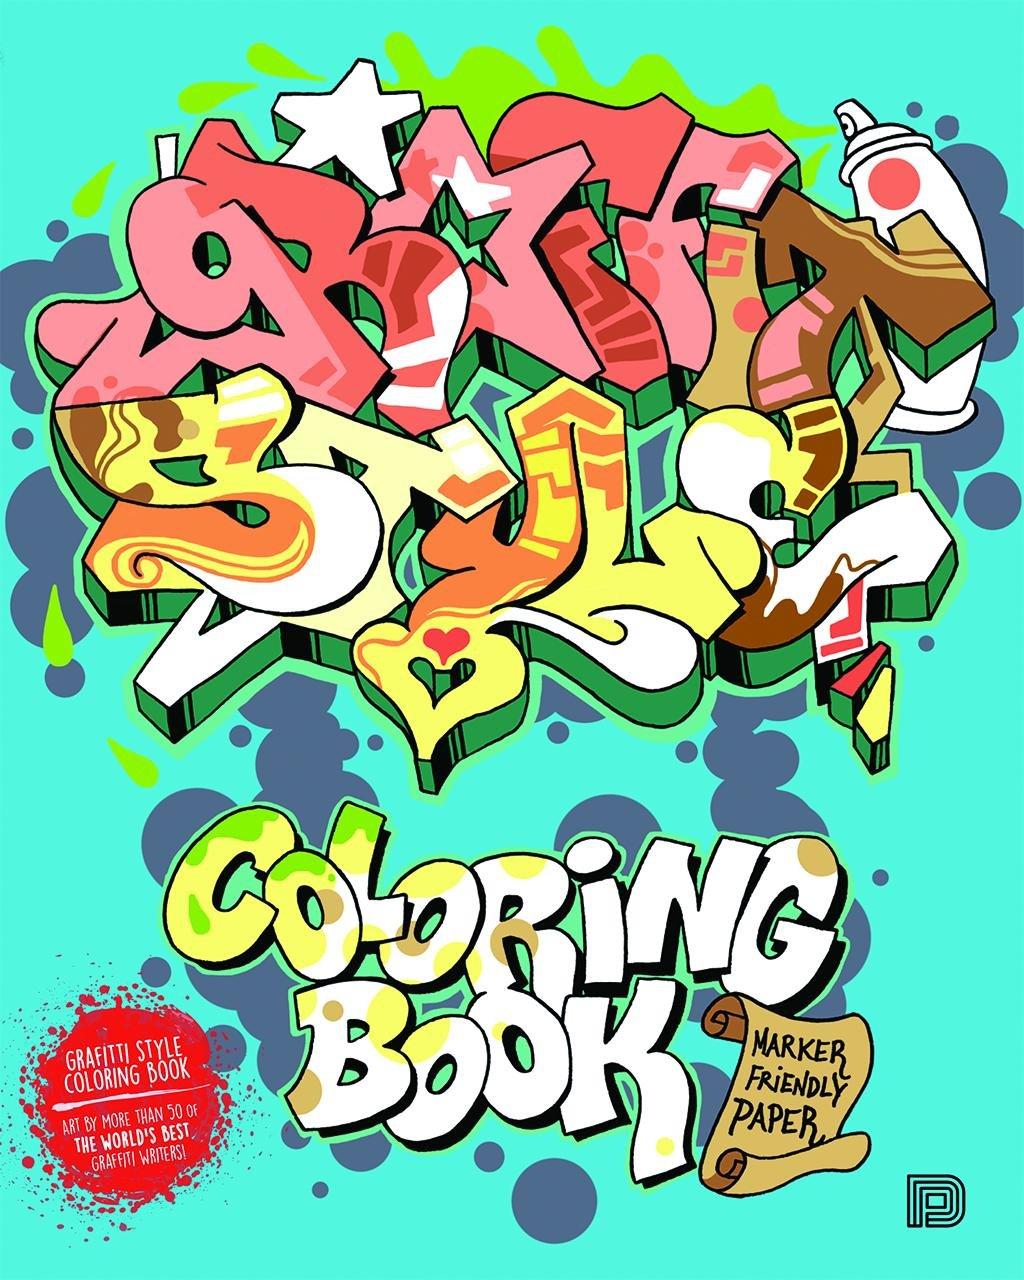 Amazon.com: Graffiti Style Coloring Book (9789188369055): Tobias ...